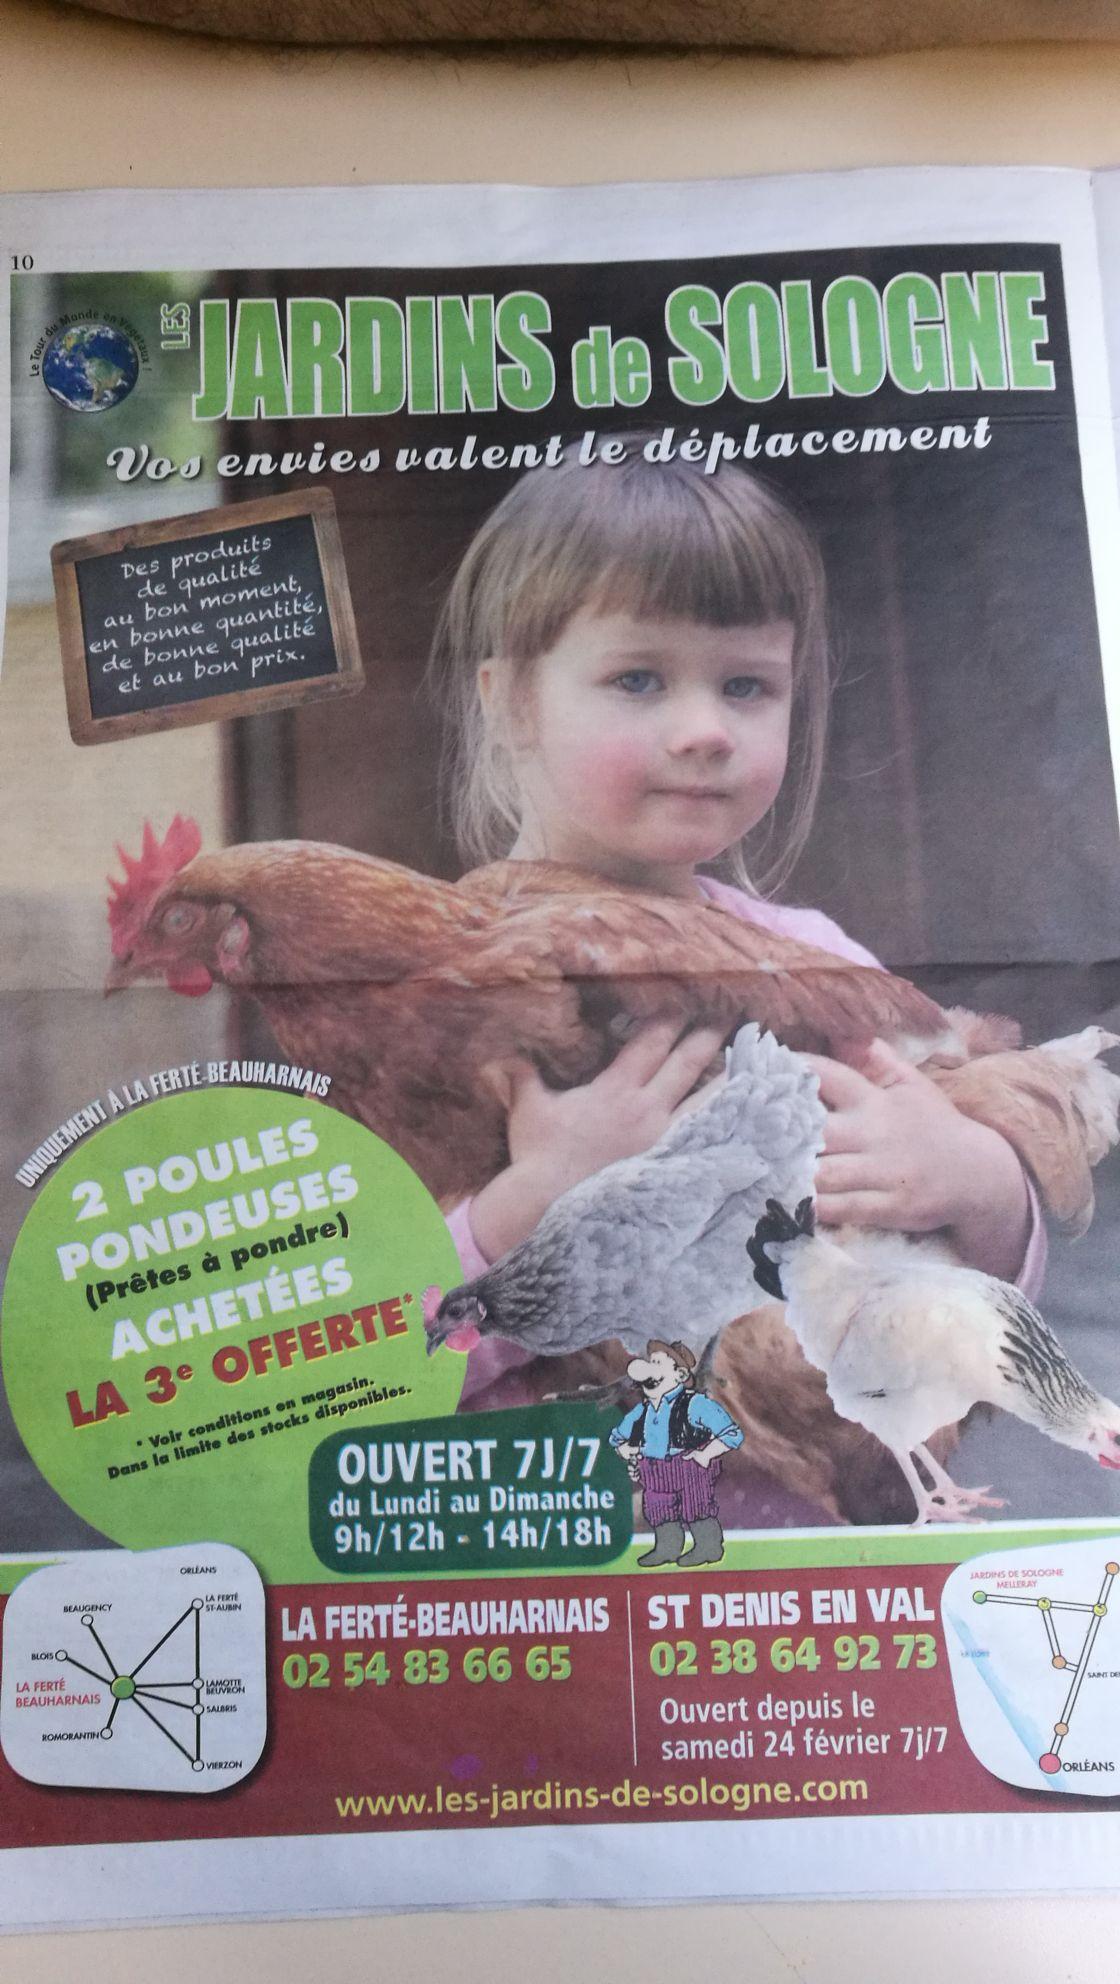 2 poules pondeuses achetées = la 3ème offerte - Ferte-Beauharnais (41)